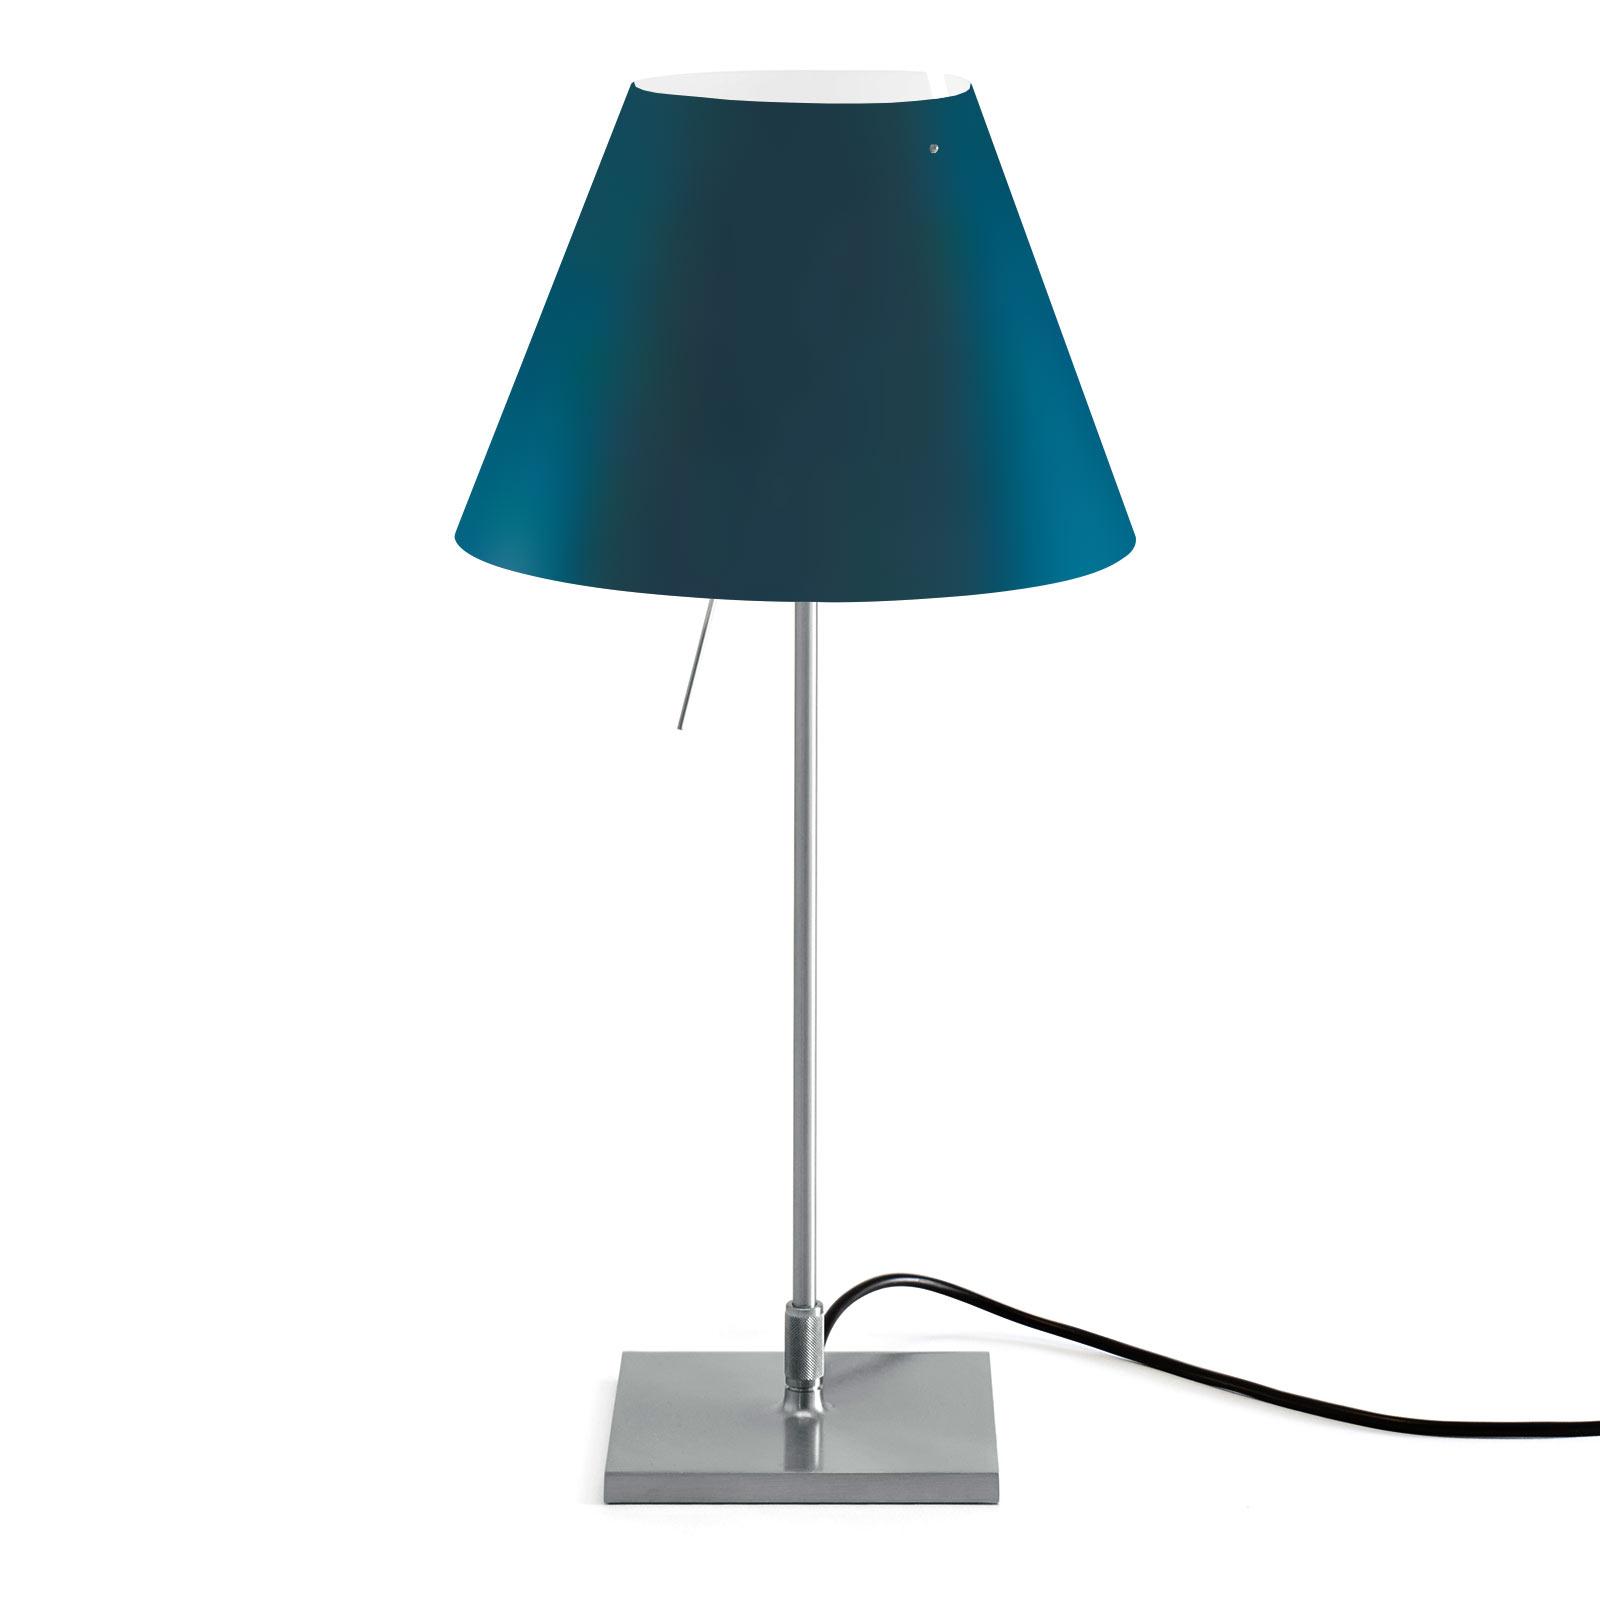 Luceplan Costanzina tafellamp alu, petroleumblauw